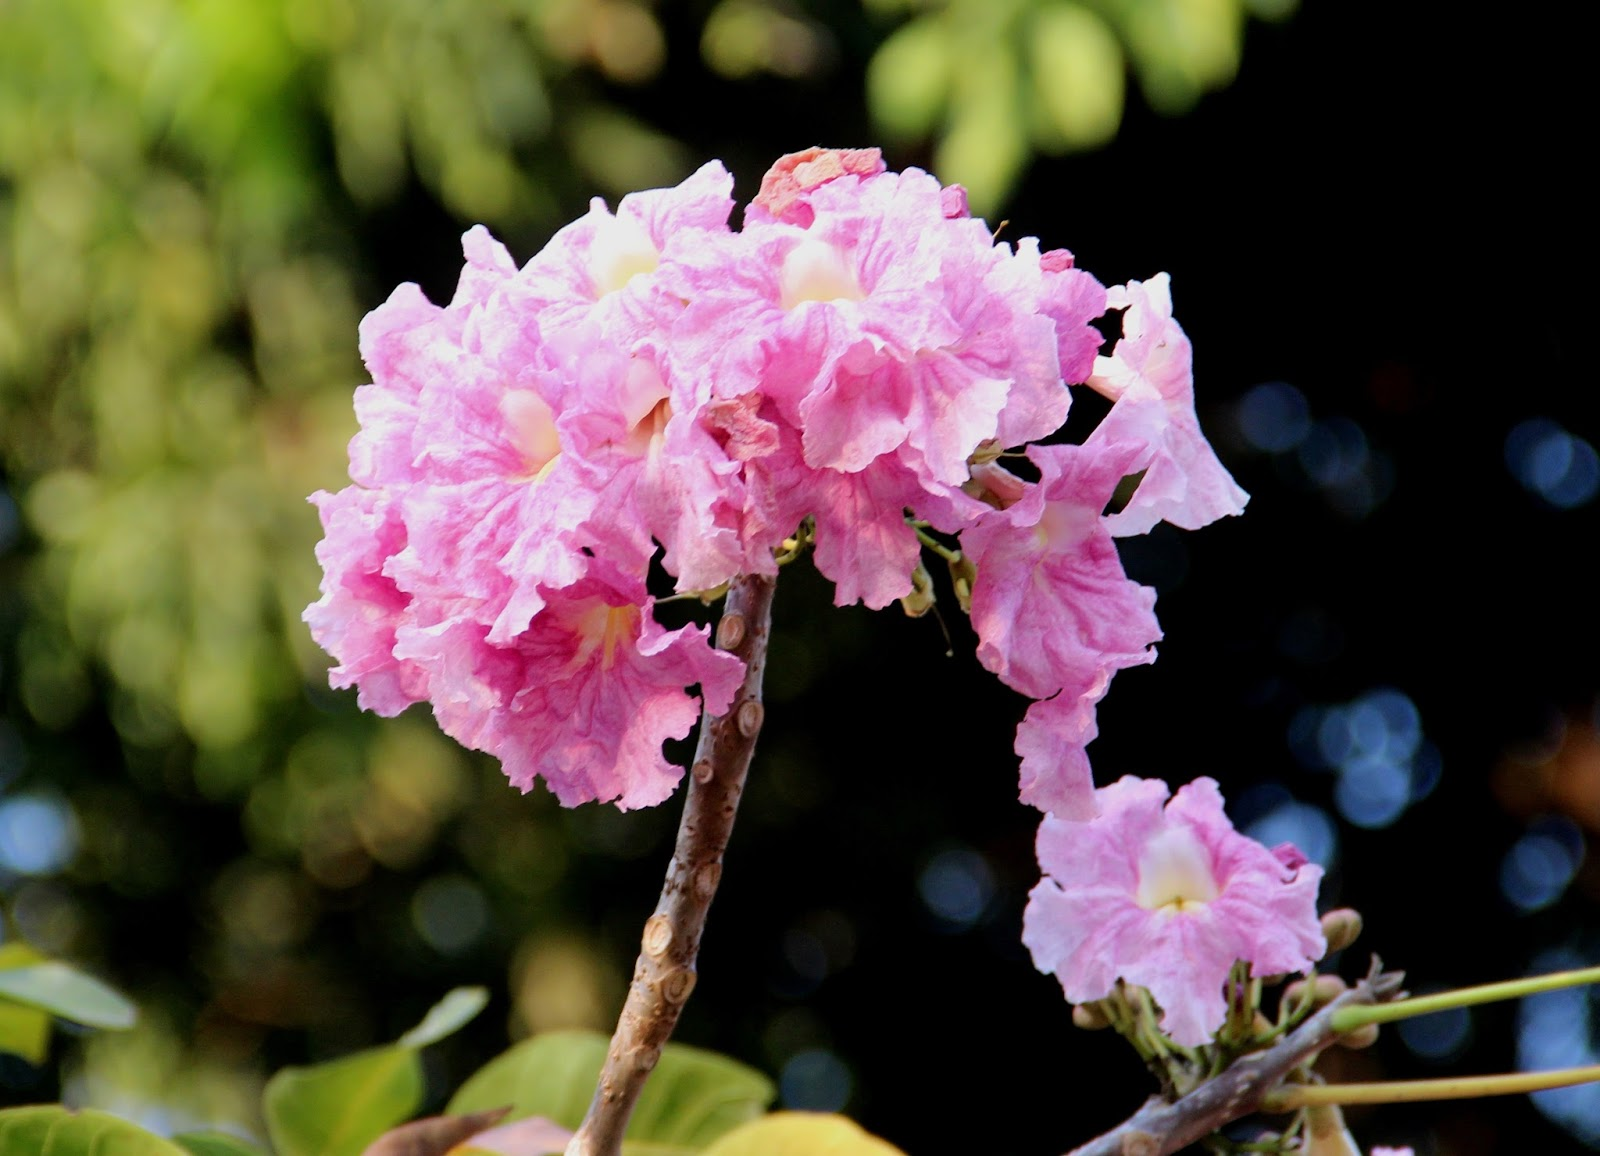 Flores do Ipê rosa em Goiânia-Goiás